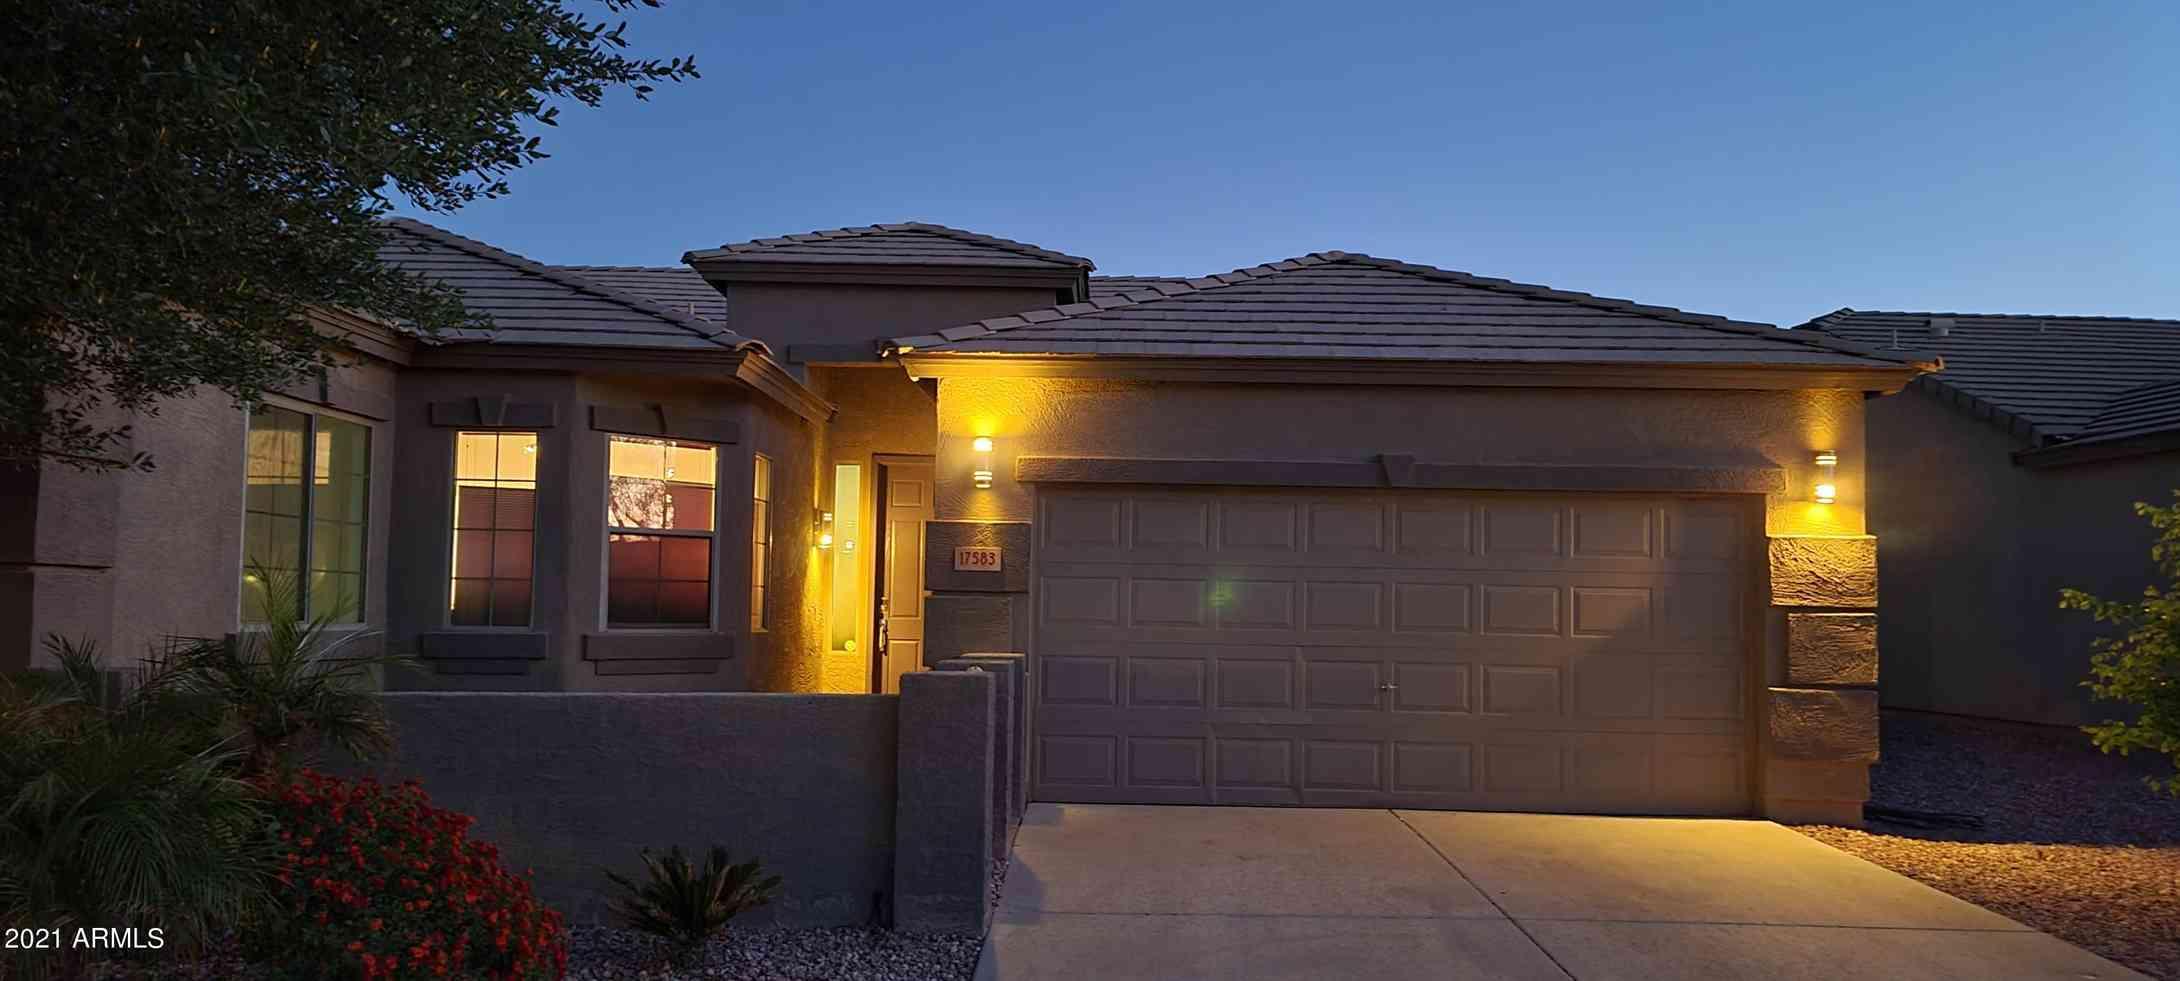 17583 W CROCUS Drive, Surprise, AZ, 85388,